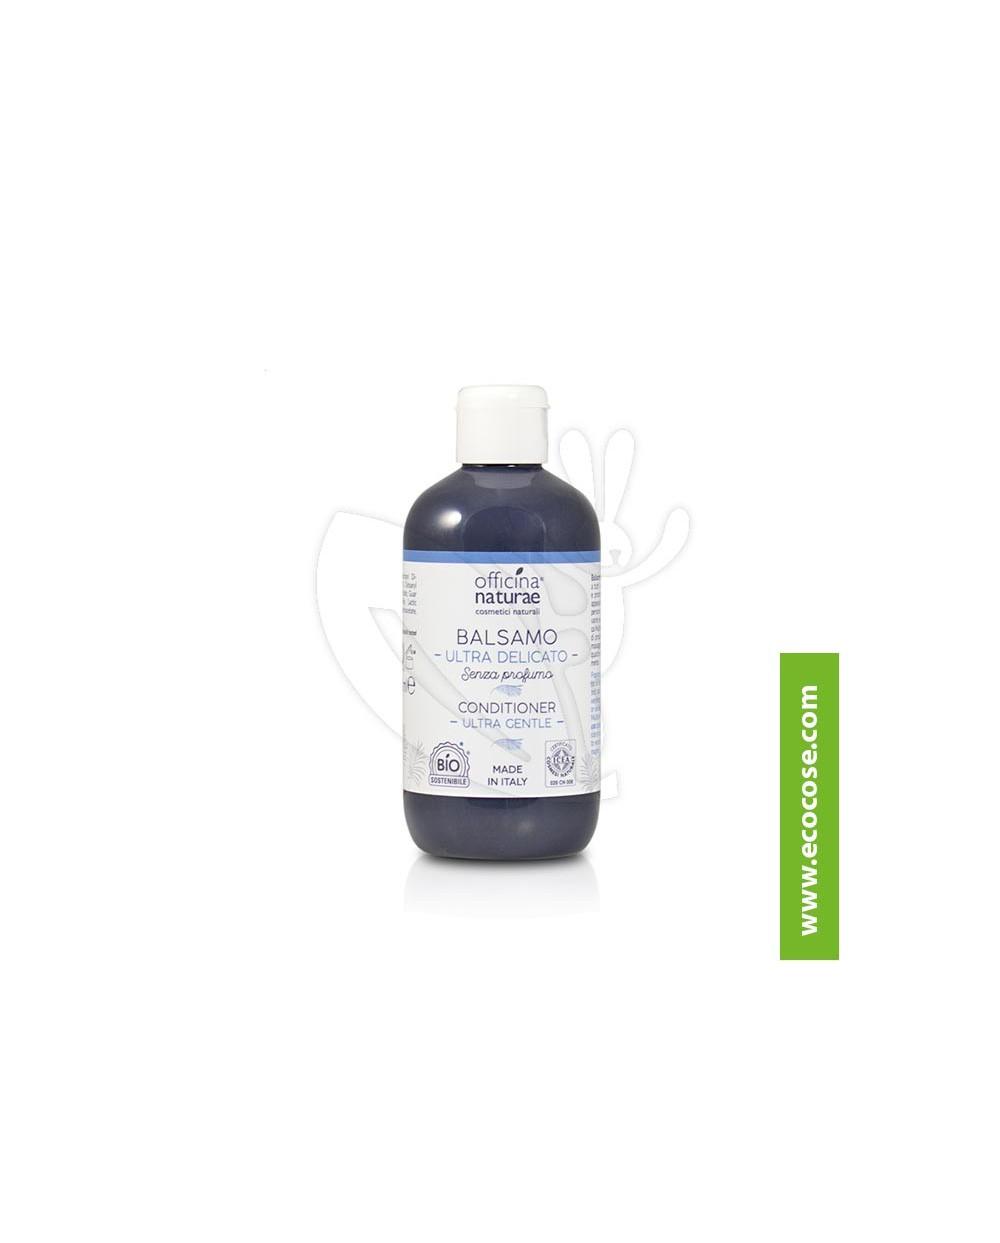 Officina Naturae - Gli ULTRADELICATI - Balsamo senza profumo